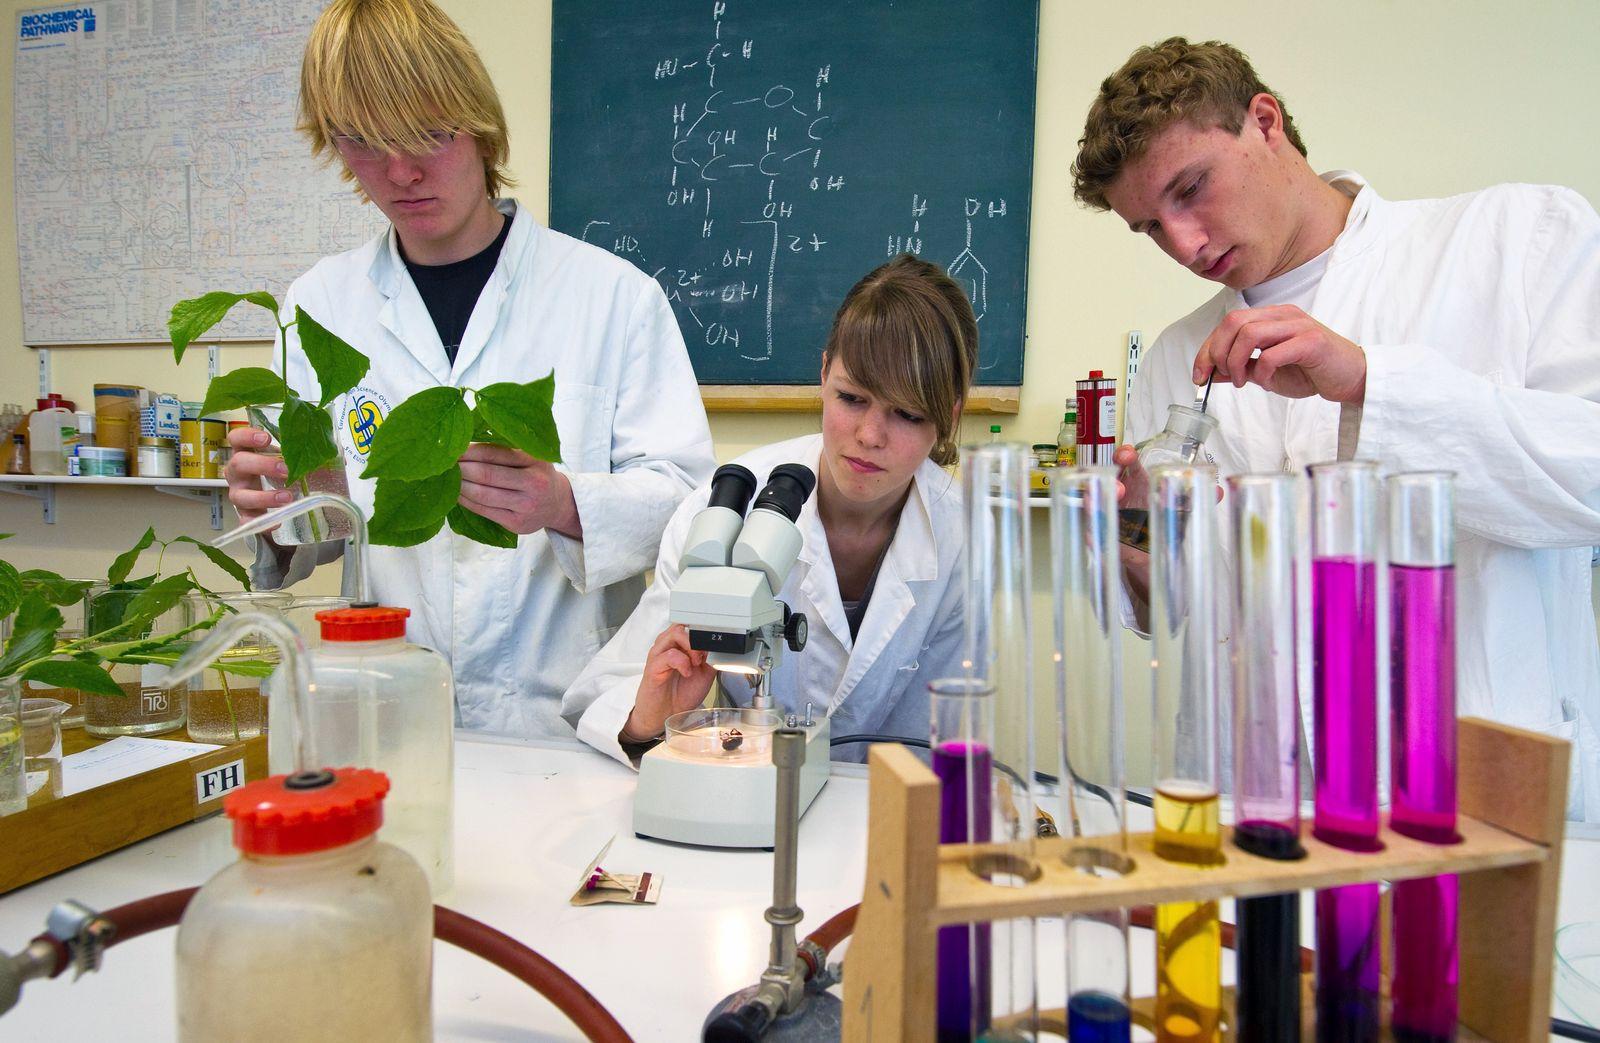 Unterricht / Schule / Biologie